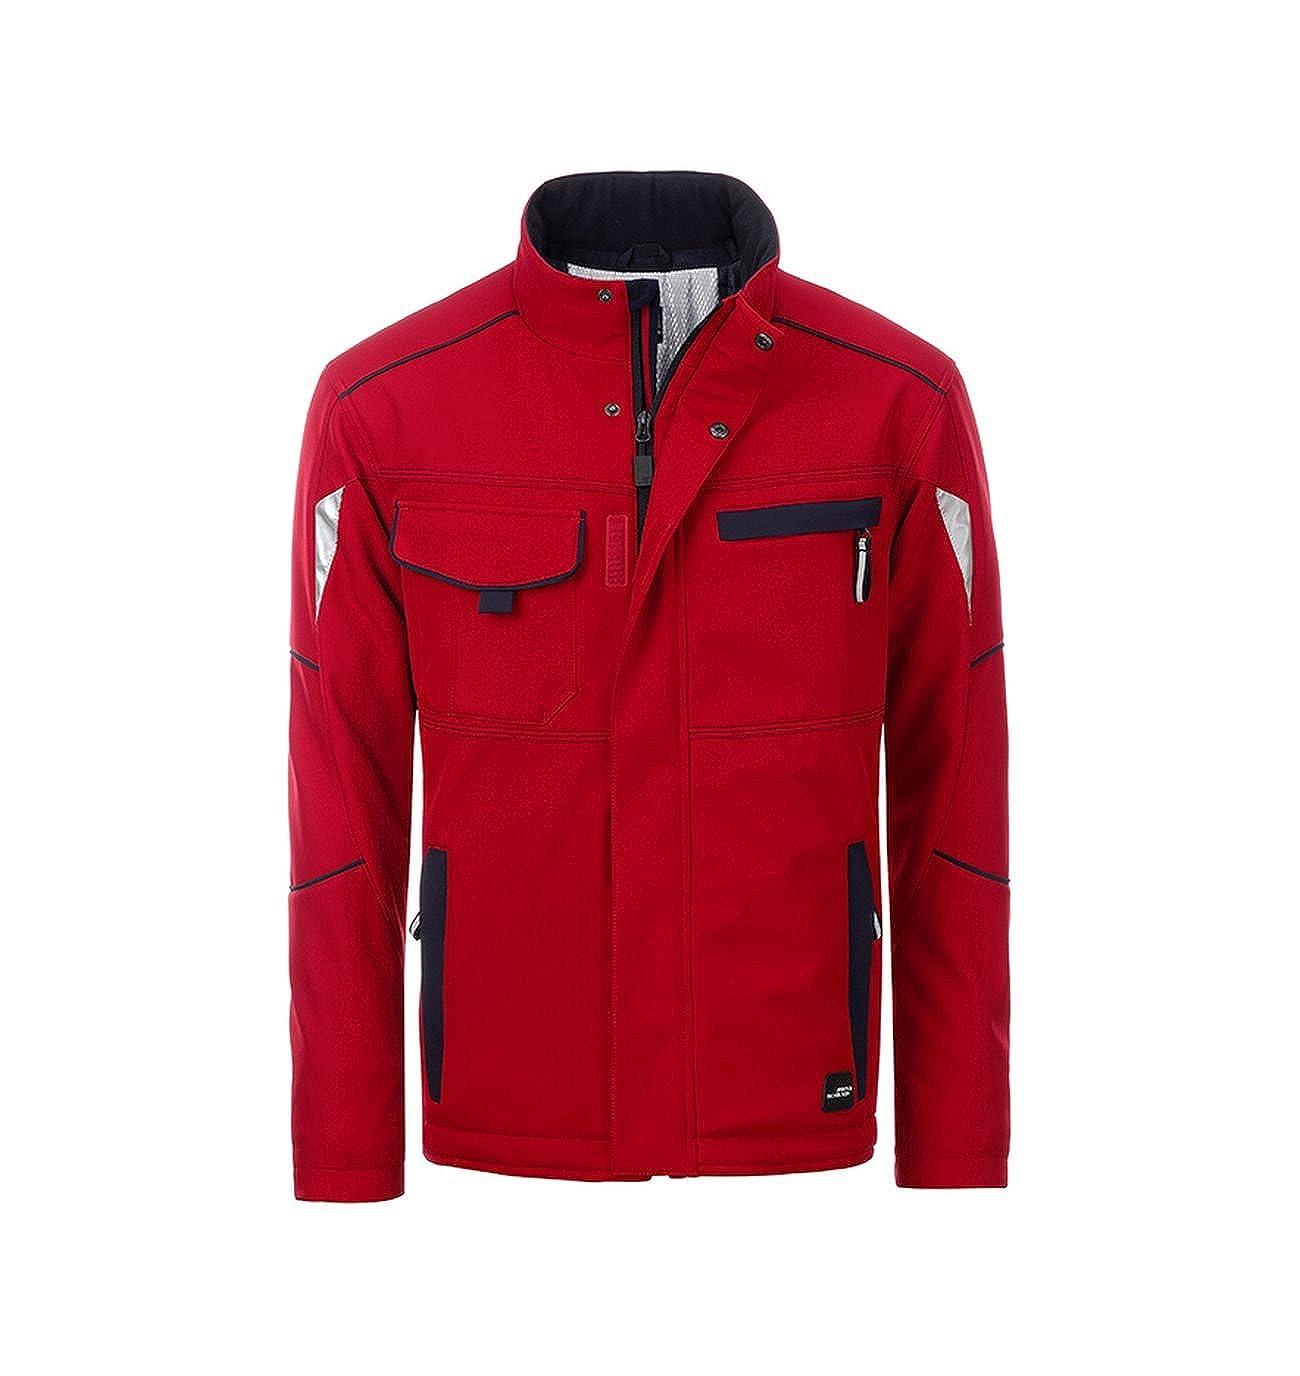 rouge Navy 5XL Veste Softshell Fonctionnelle avec Doubleure Chaude